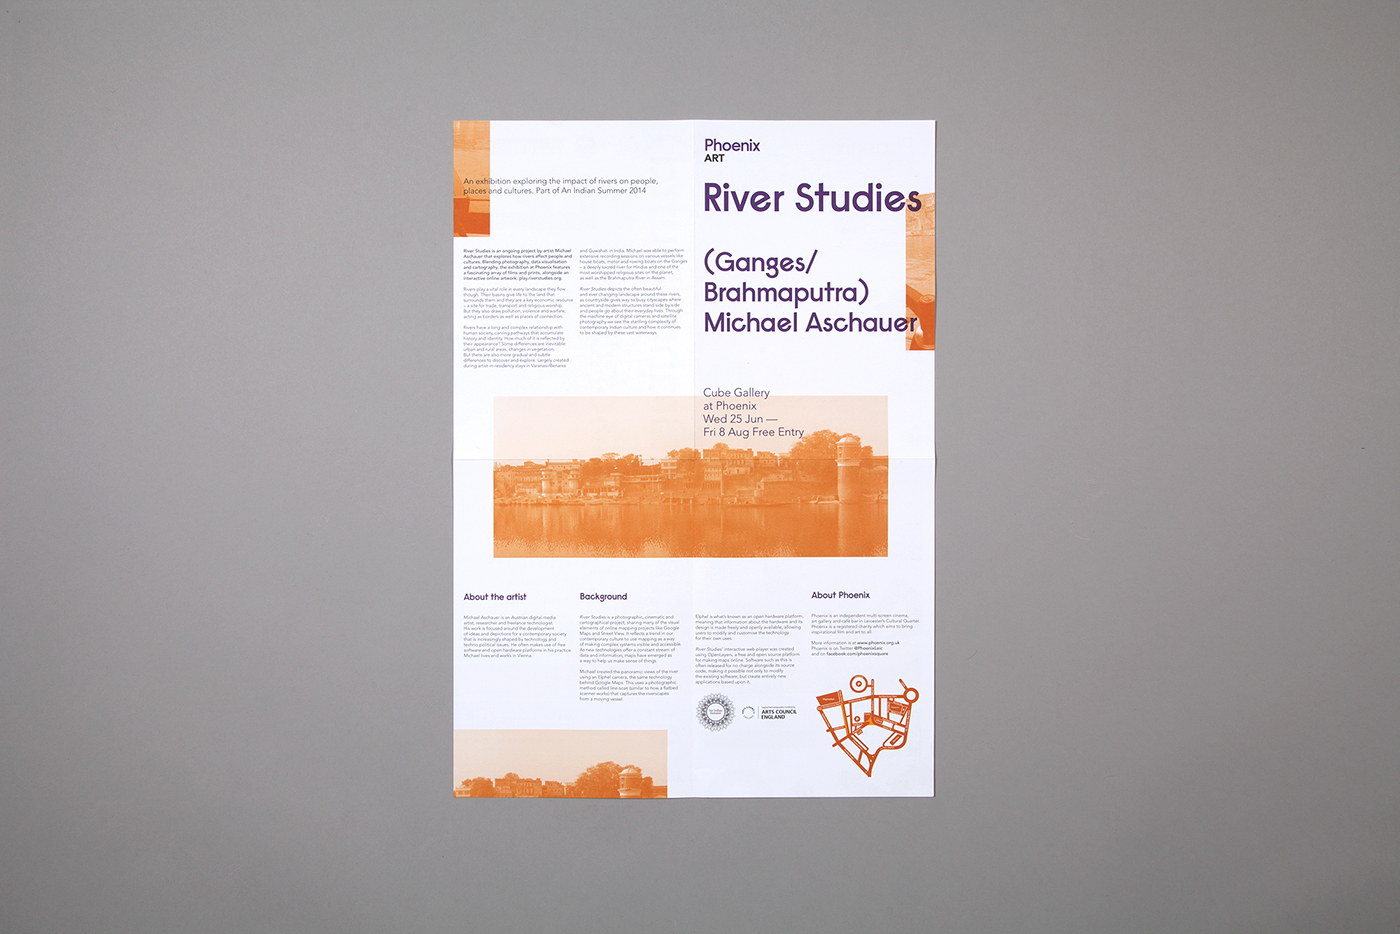 River Studies